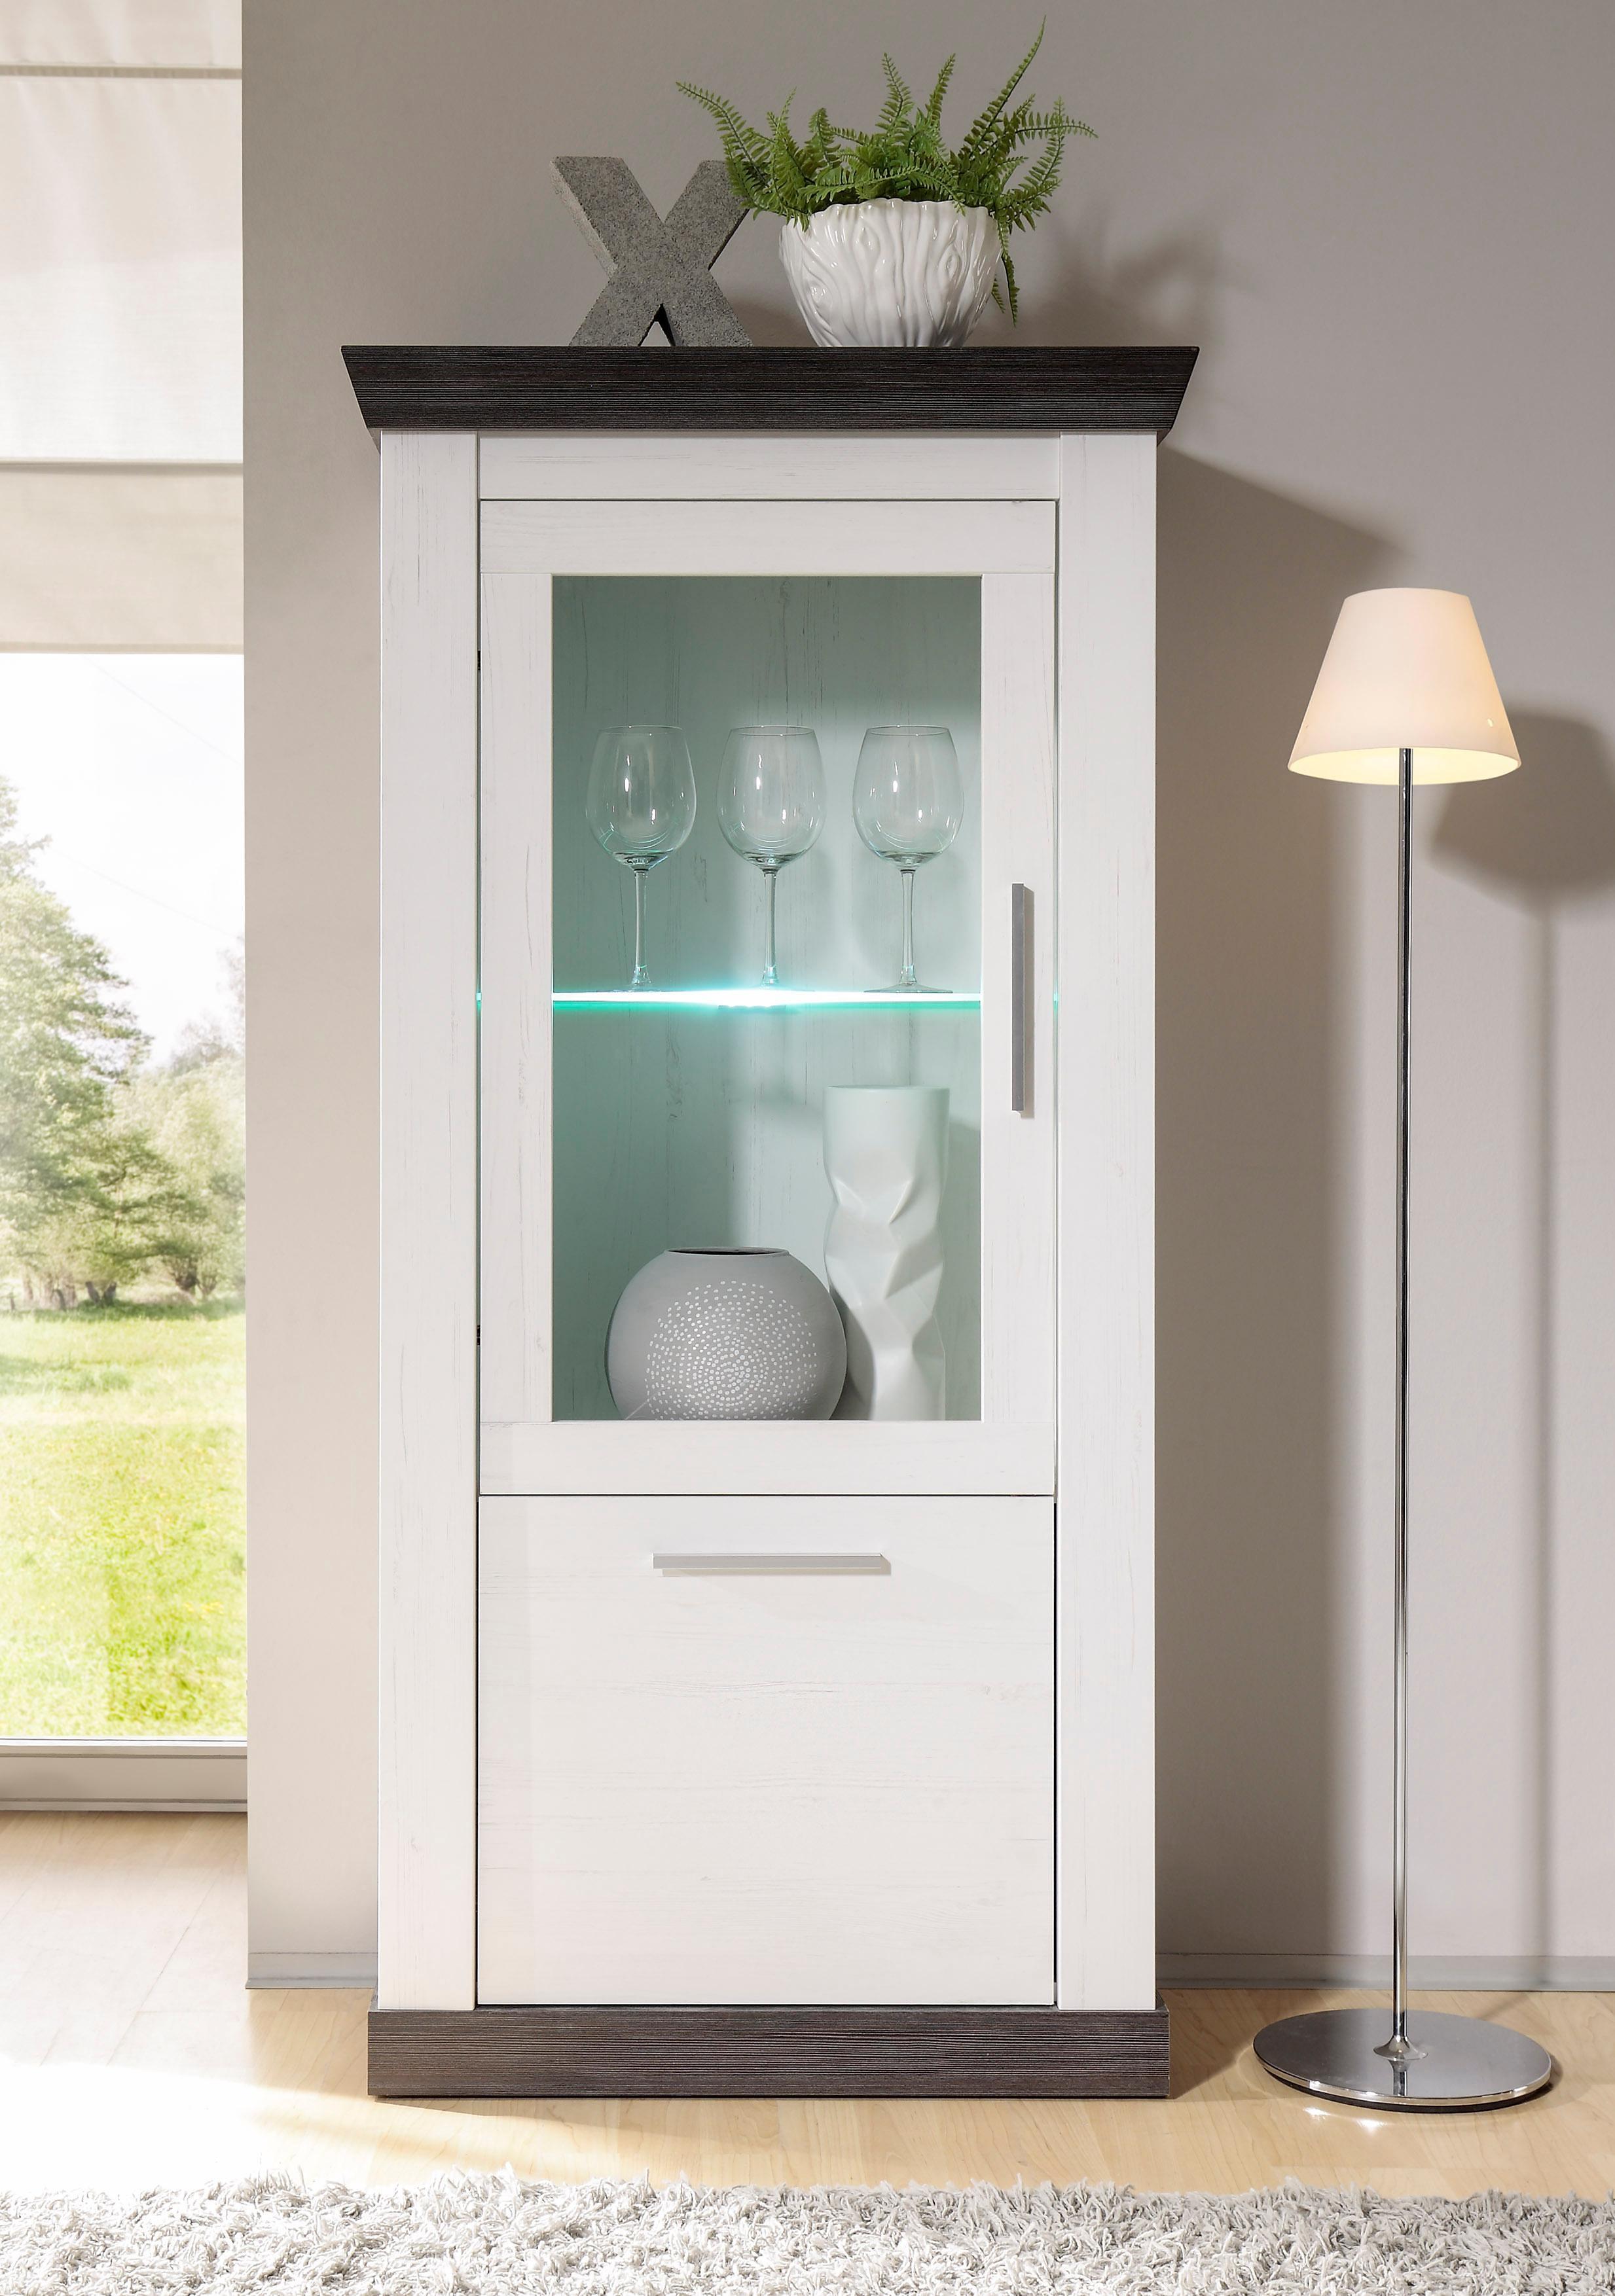 Home Affaire vitrinekast, »Siena«, hoogte 146 cm - gratis ruilen op otto.nl